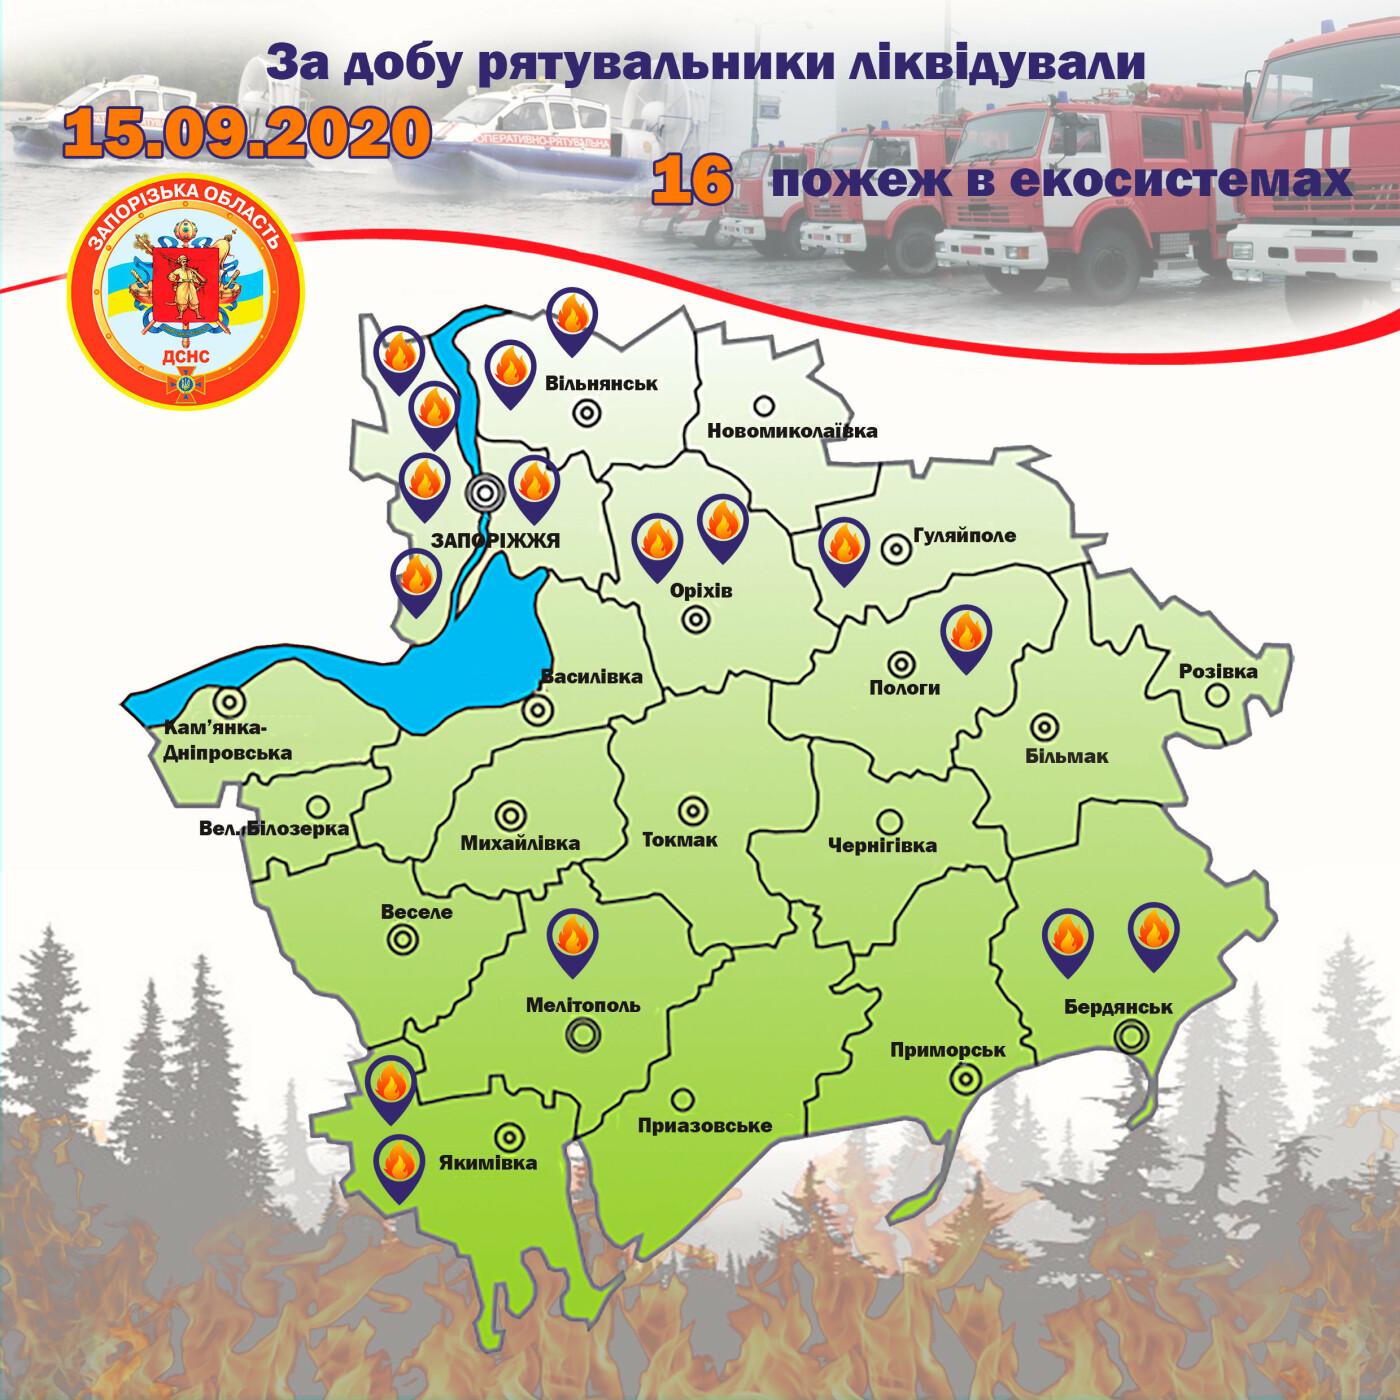 За сутки пожары уничтожили экосистемы Запорожской области на площади в 6 футбольных полей, фото-1